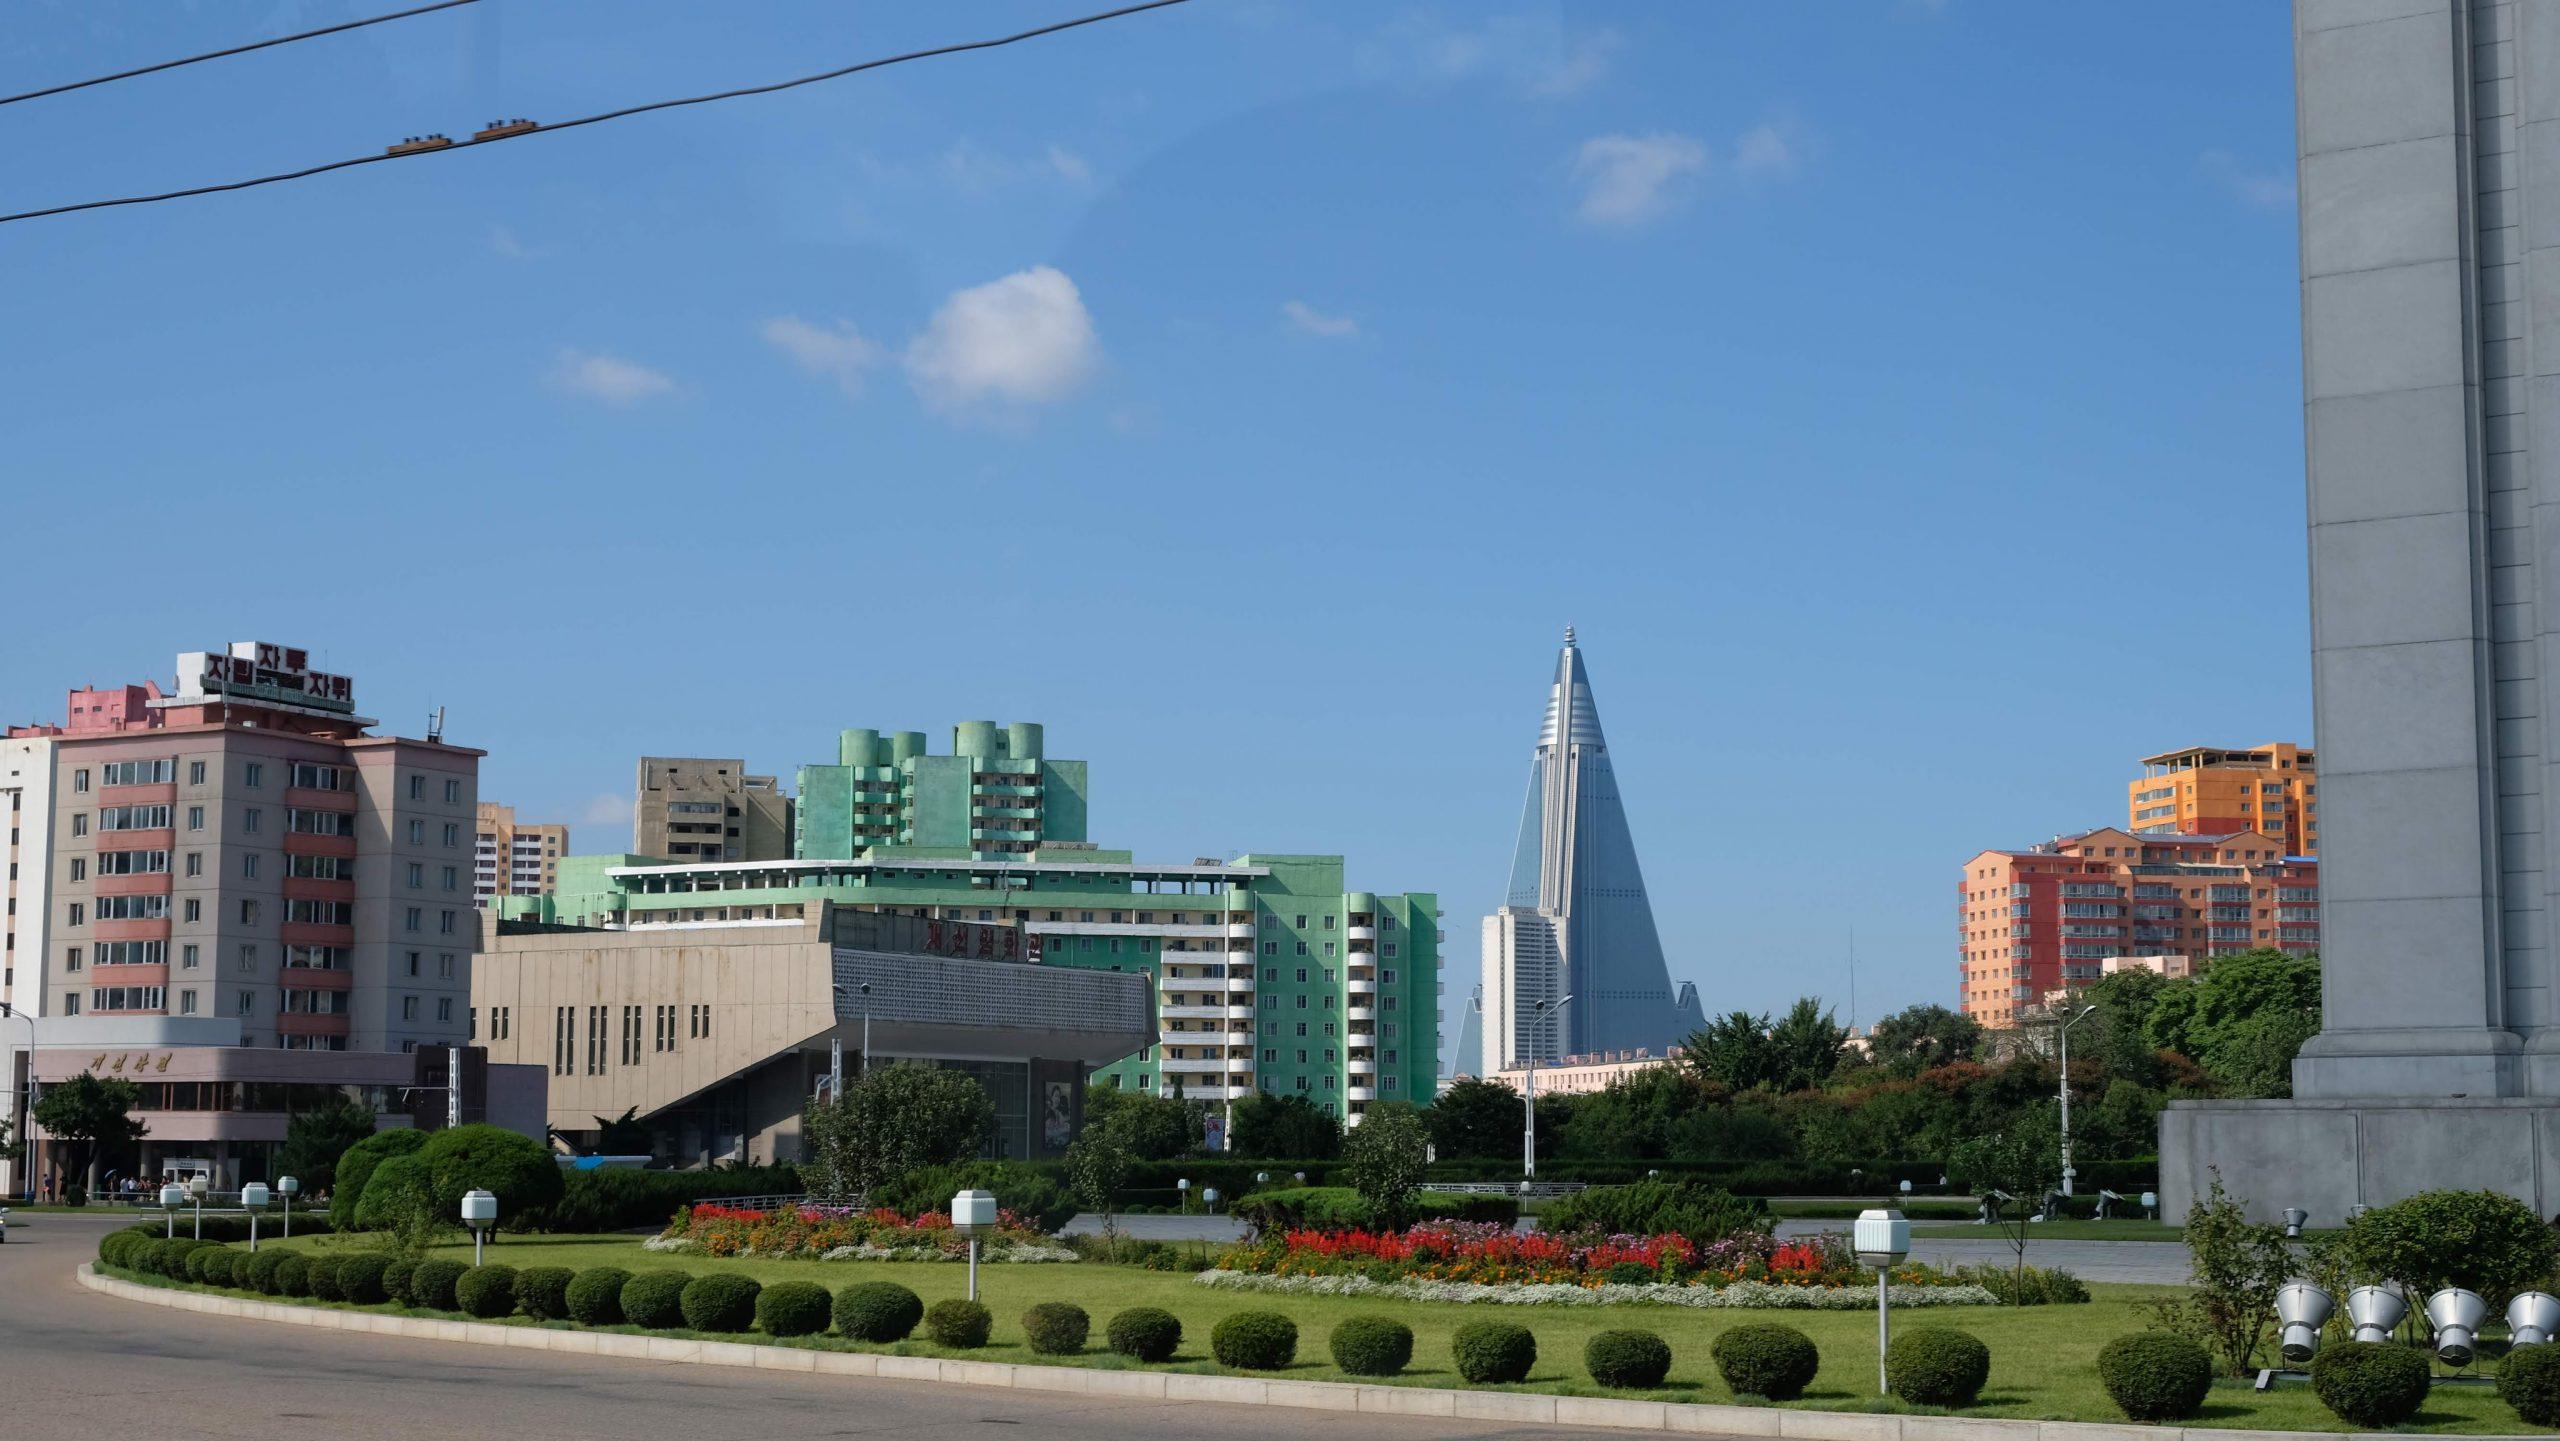 [平壤] 柳京飯店:耗時30年興建的全球最高純酒店建築